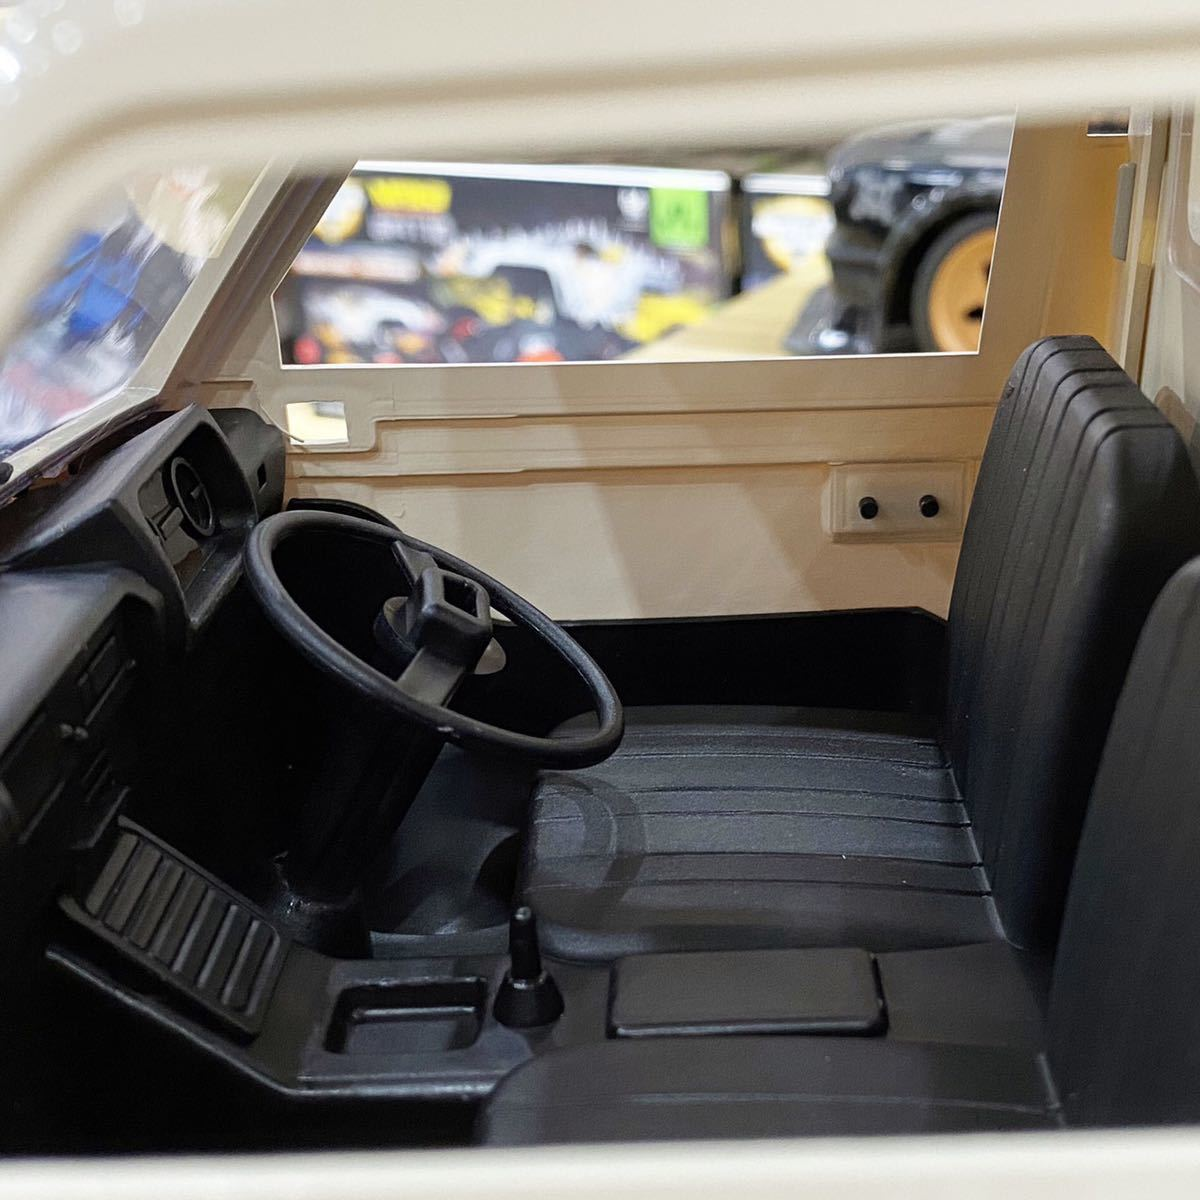 WPL 軽トラ ラジコンカー 1/10 全2種 RTR ミッドシップ MR 軽トラック RC 車 トラック 2WD リヤ駆動 D-12型 バッテリー付 ドリフト可能_画像6